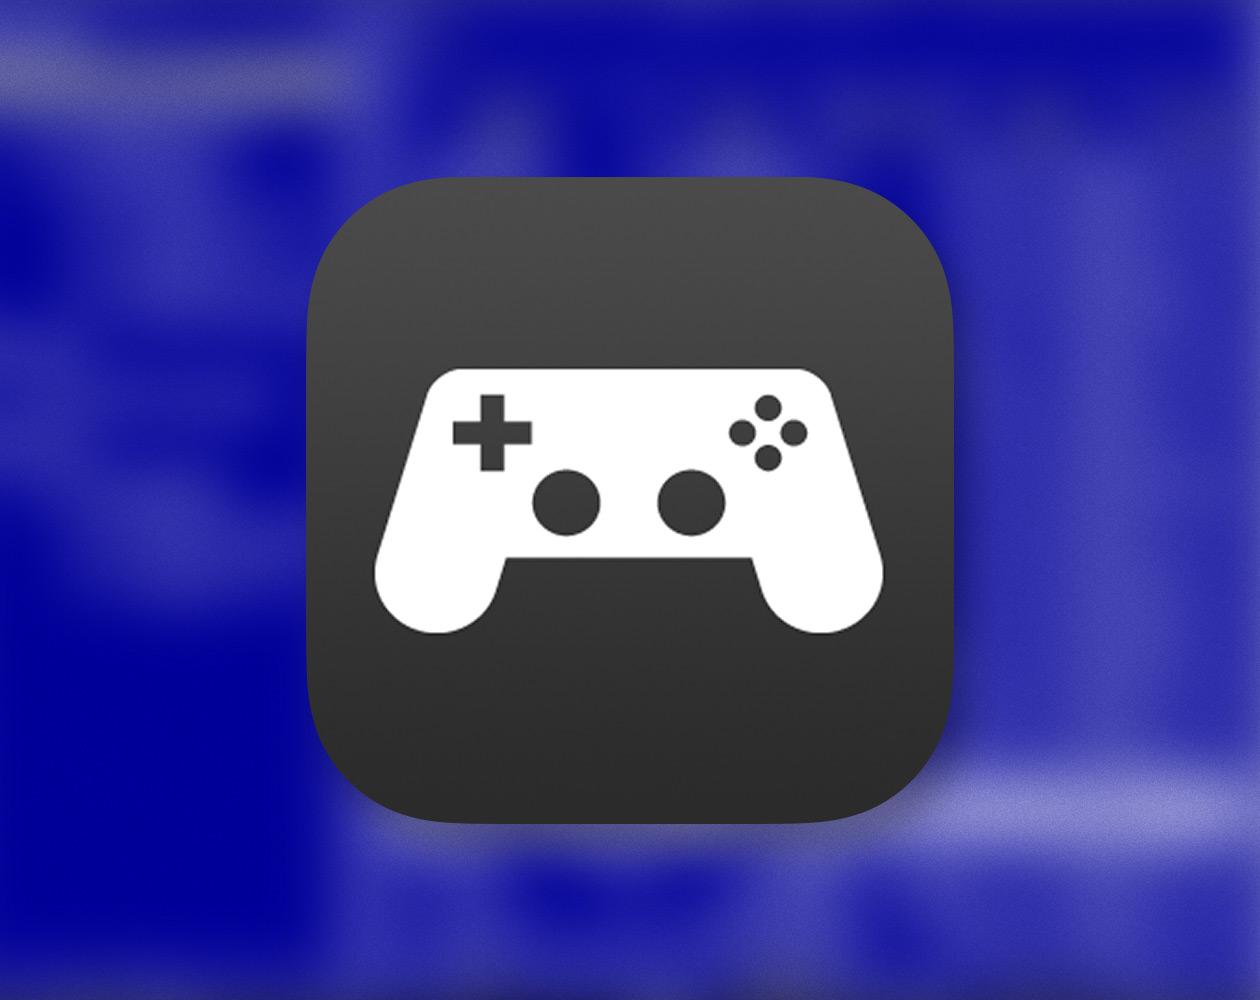 Emu4ios: 6 полезных утилит для iOS без джеилбрейка